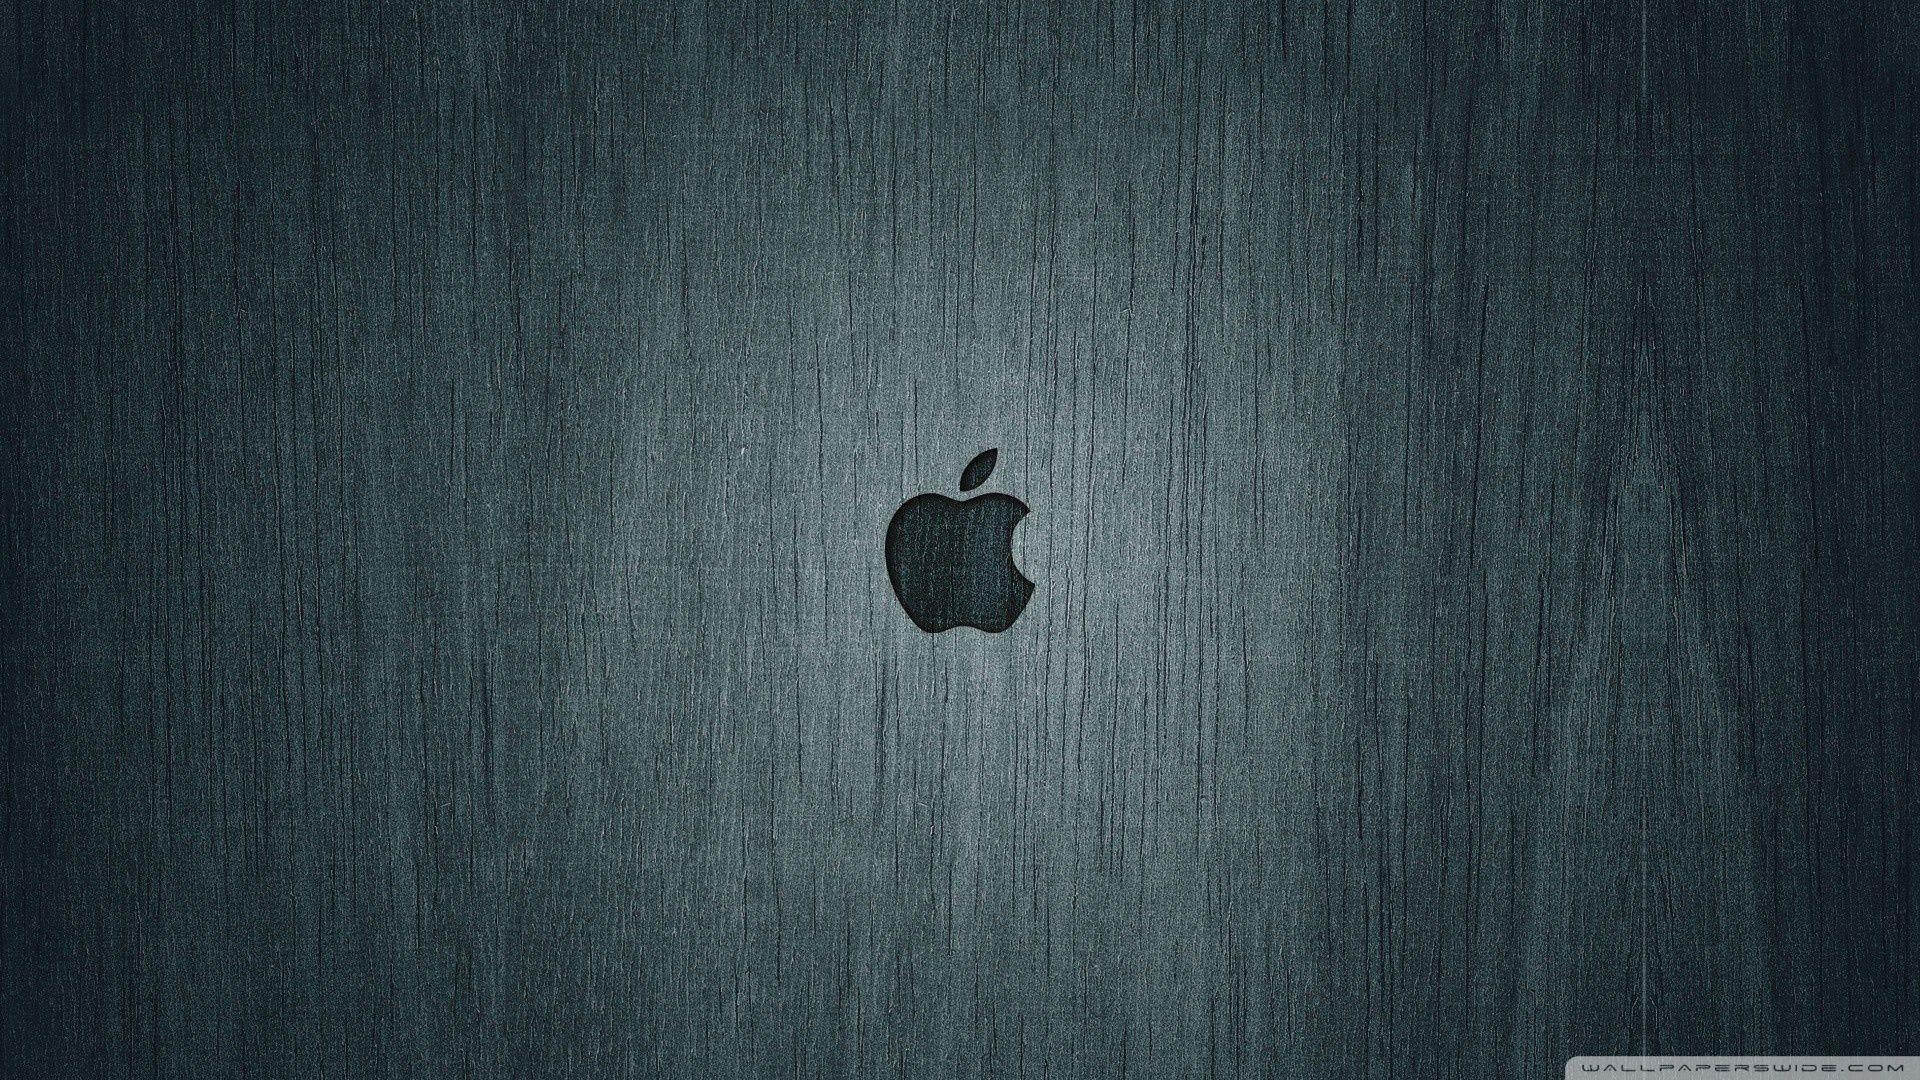 Apple Desktop Wallpapers Top Free Apple Desktop